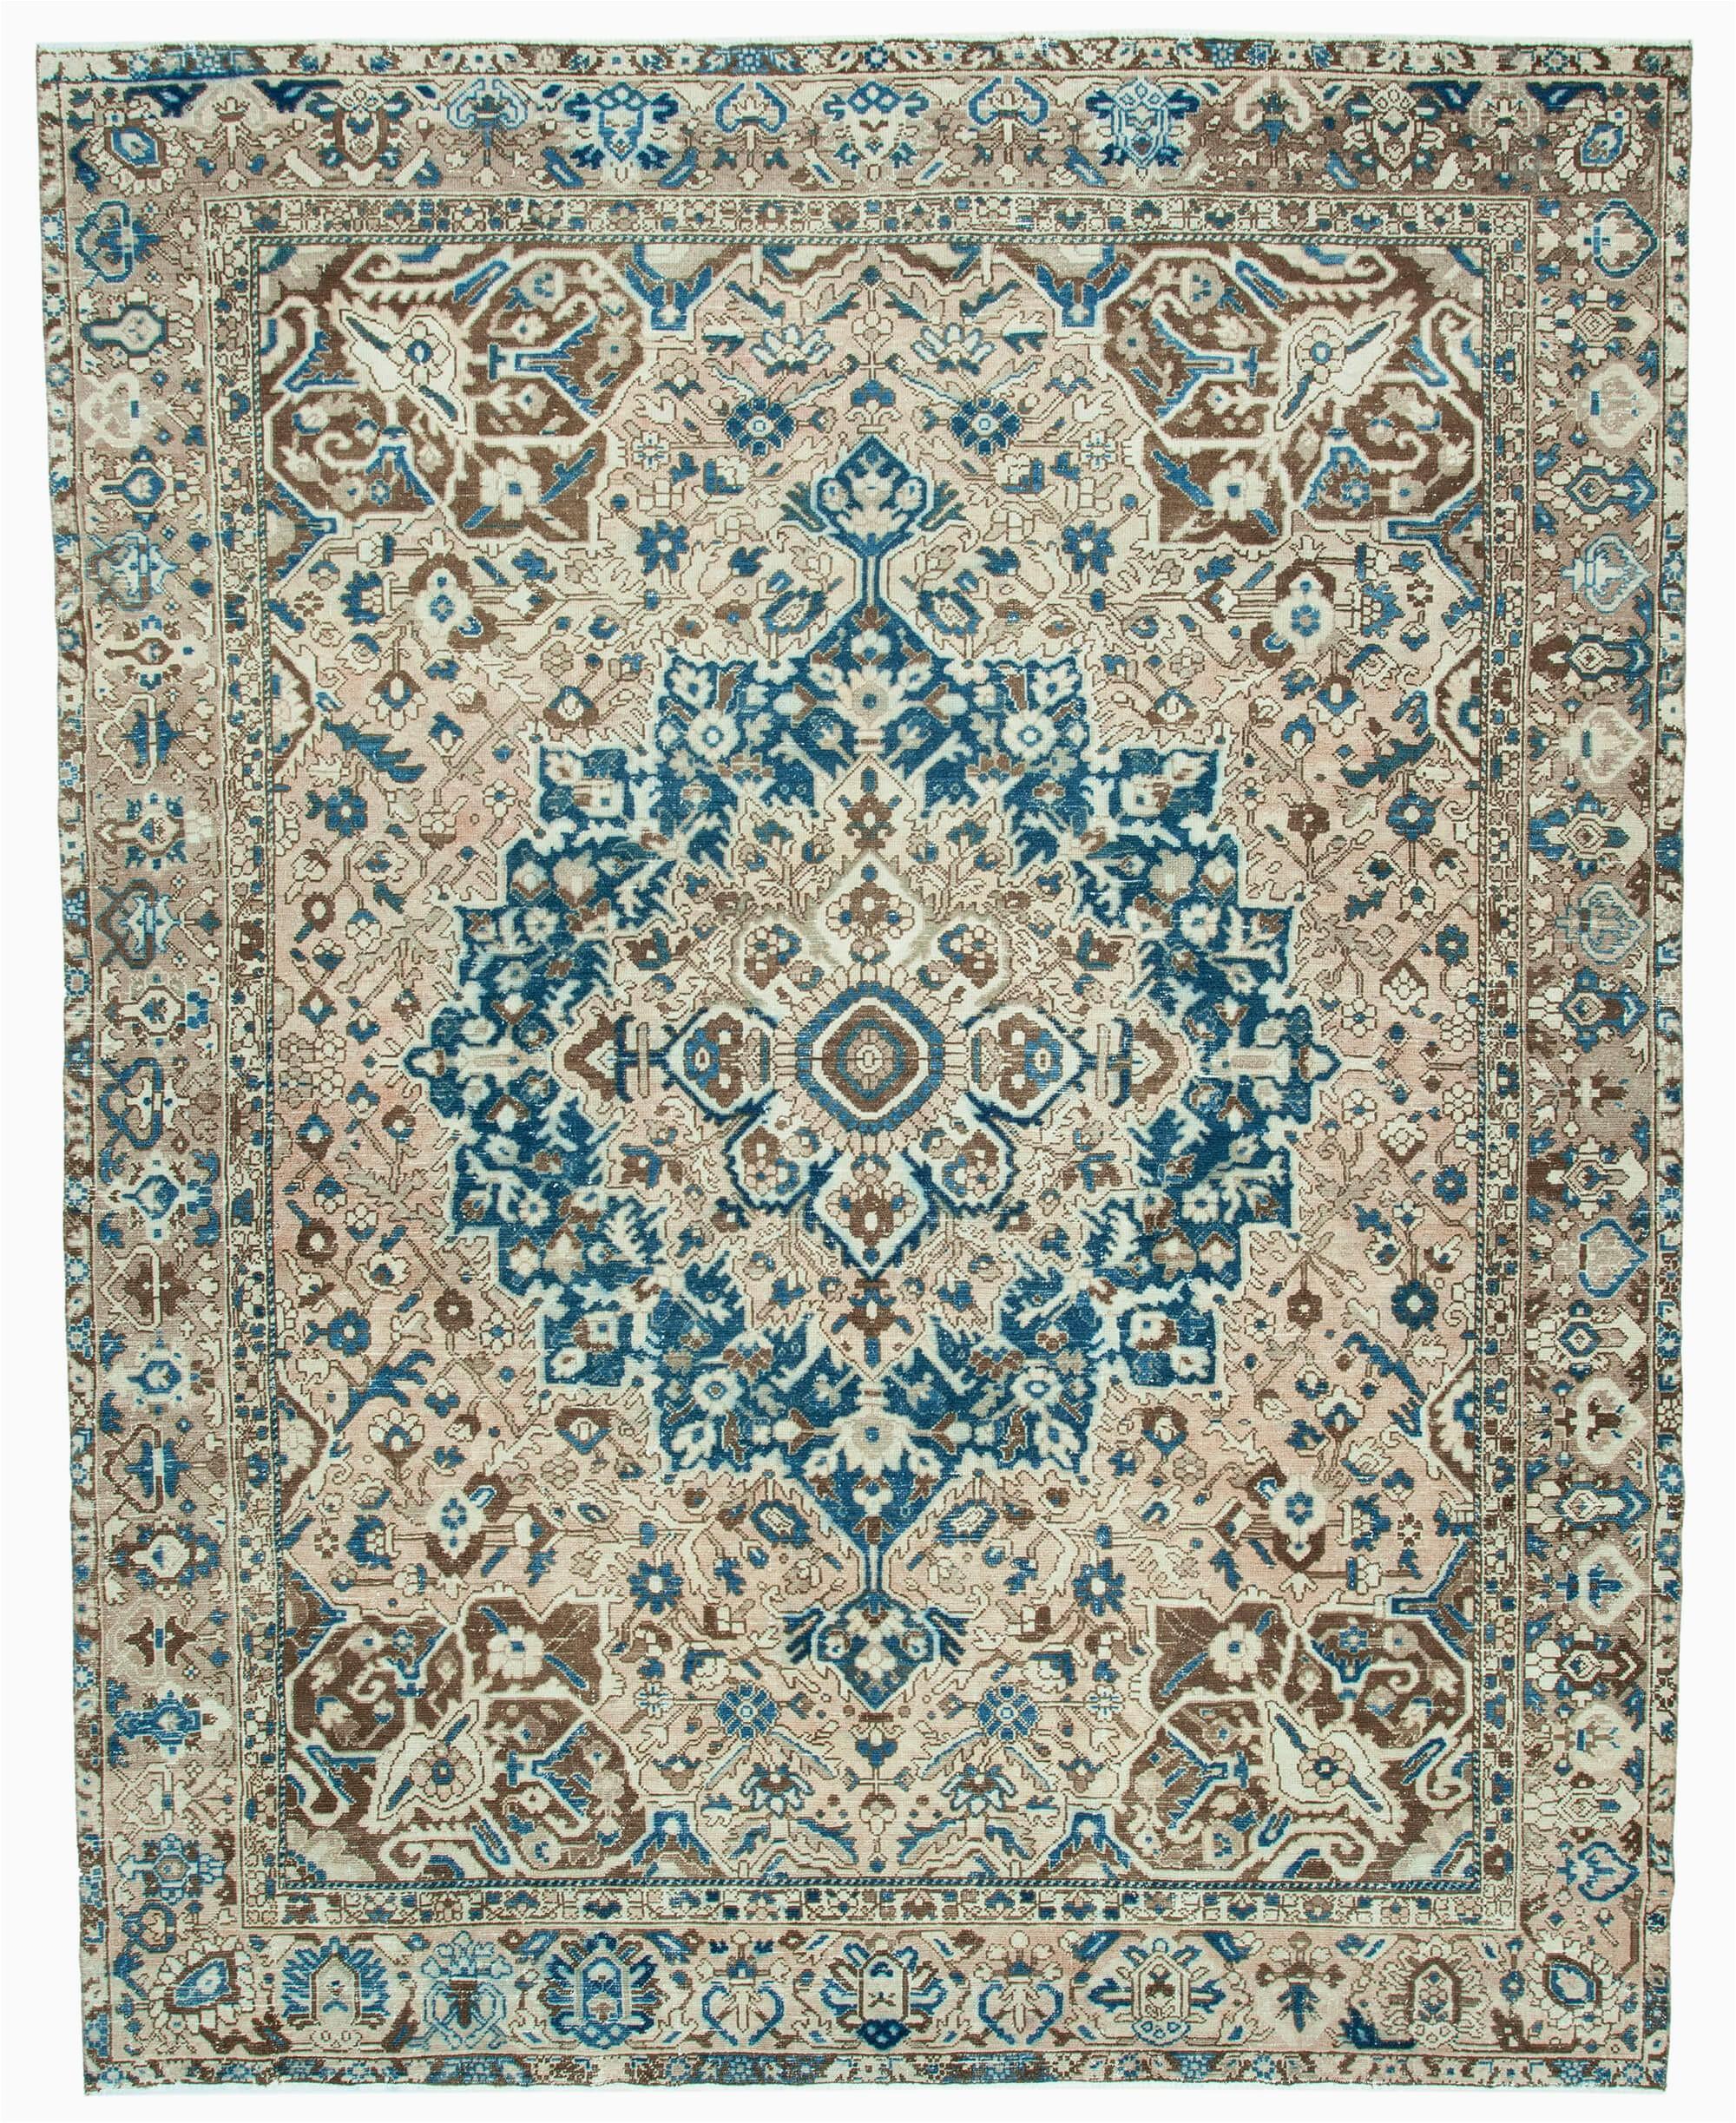 10×12 area Rugs Near Me 10×12 Beige Turkish Vintage Wool area Rug 2469